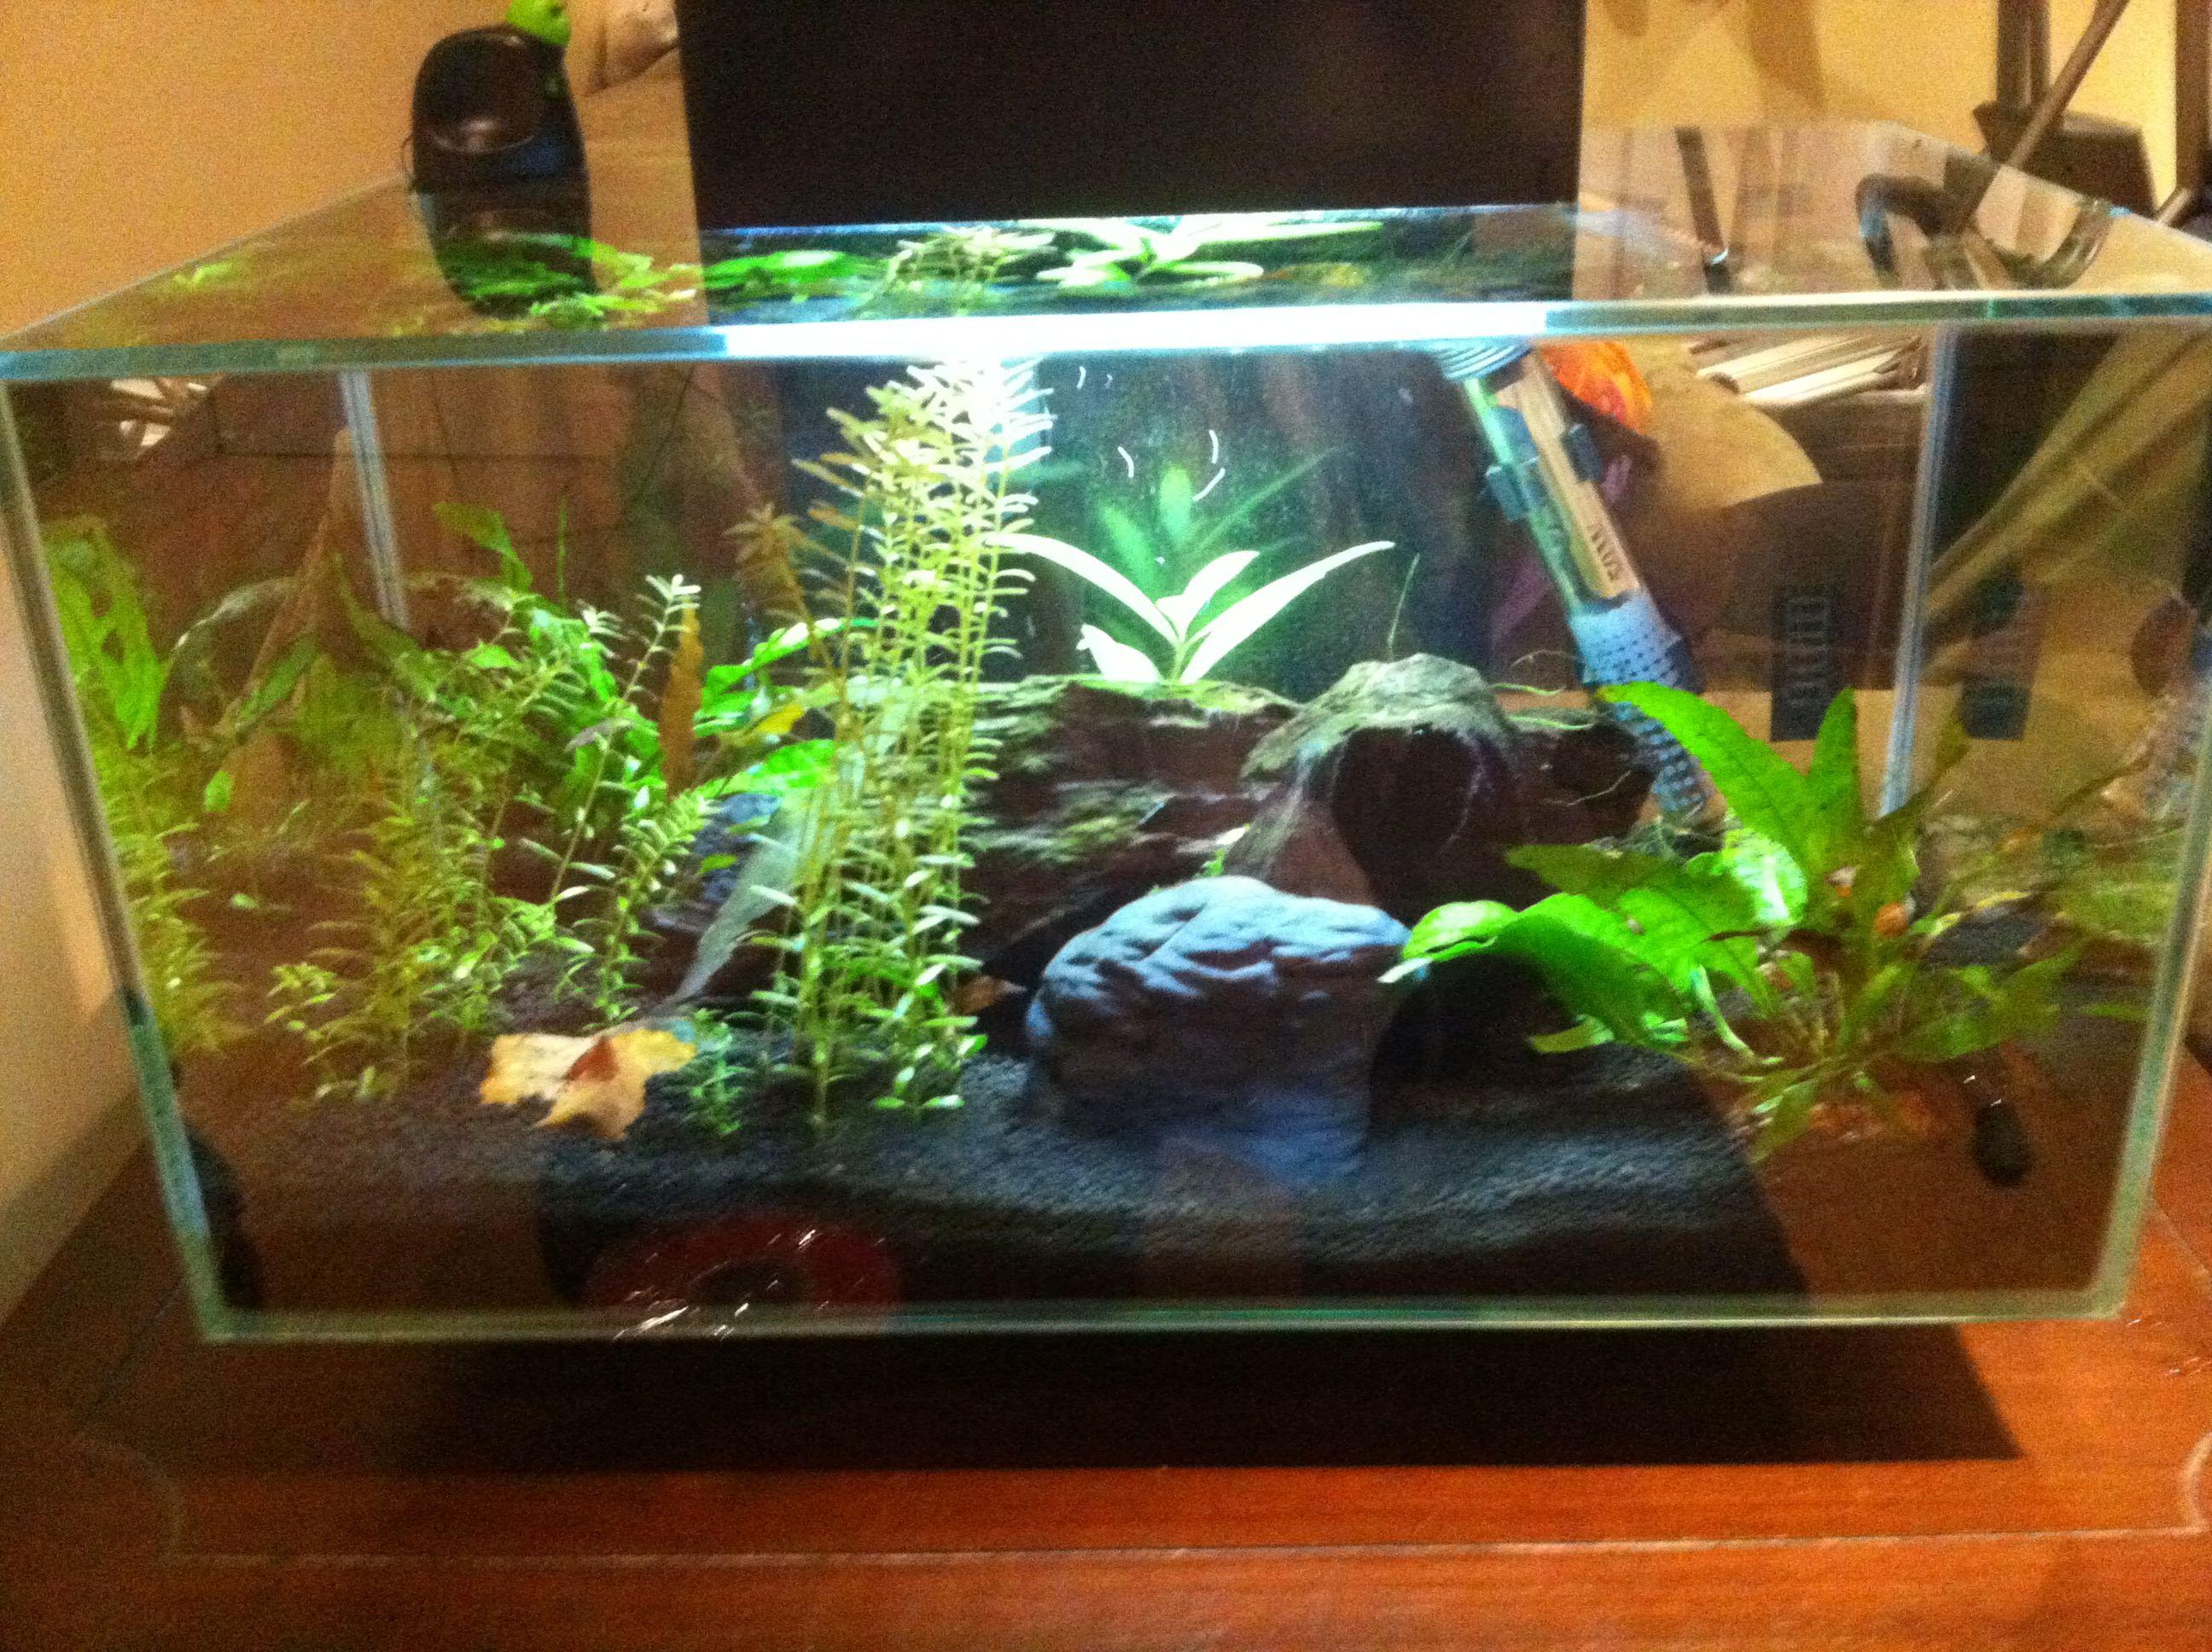 Fish aquarium for sale in pakistan - Fluval Edge Shrimp Tank